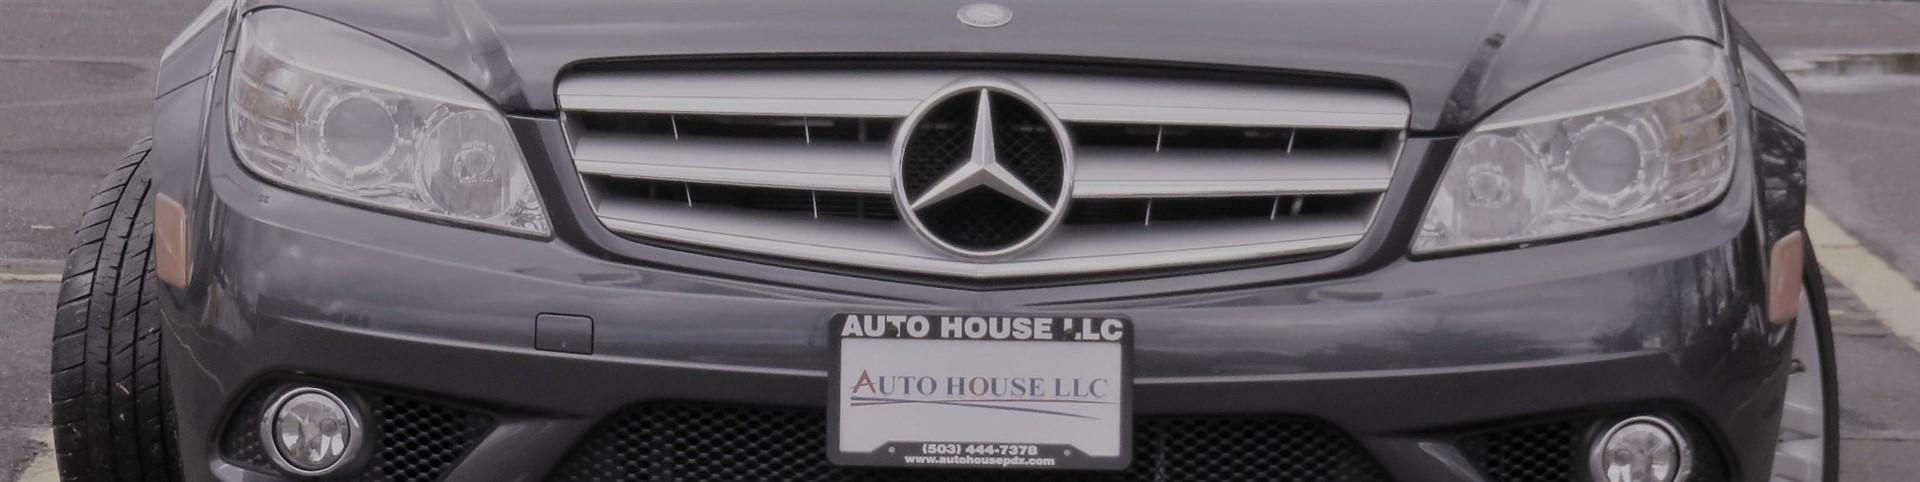 used car dealerships portland oregon car dealers auto house llc. Black Bedroom Furniture Sets. Home Design Ideas